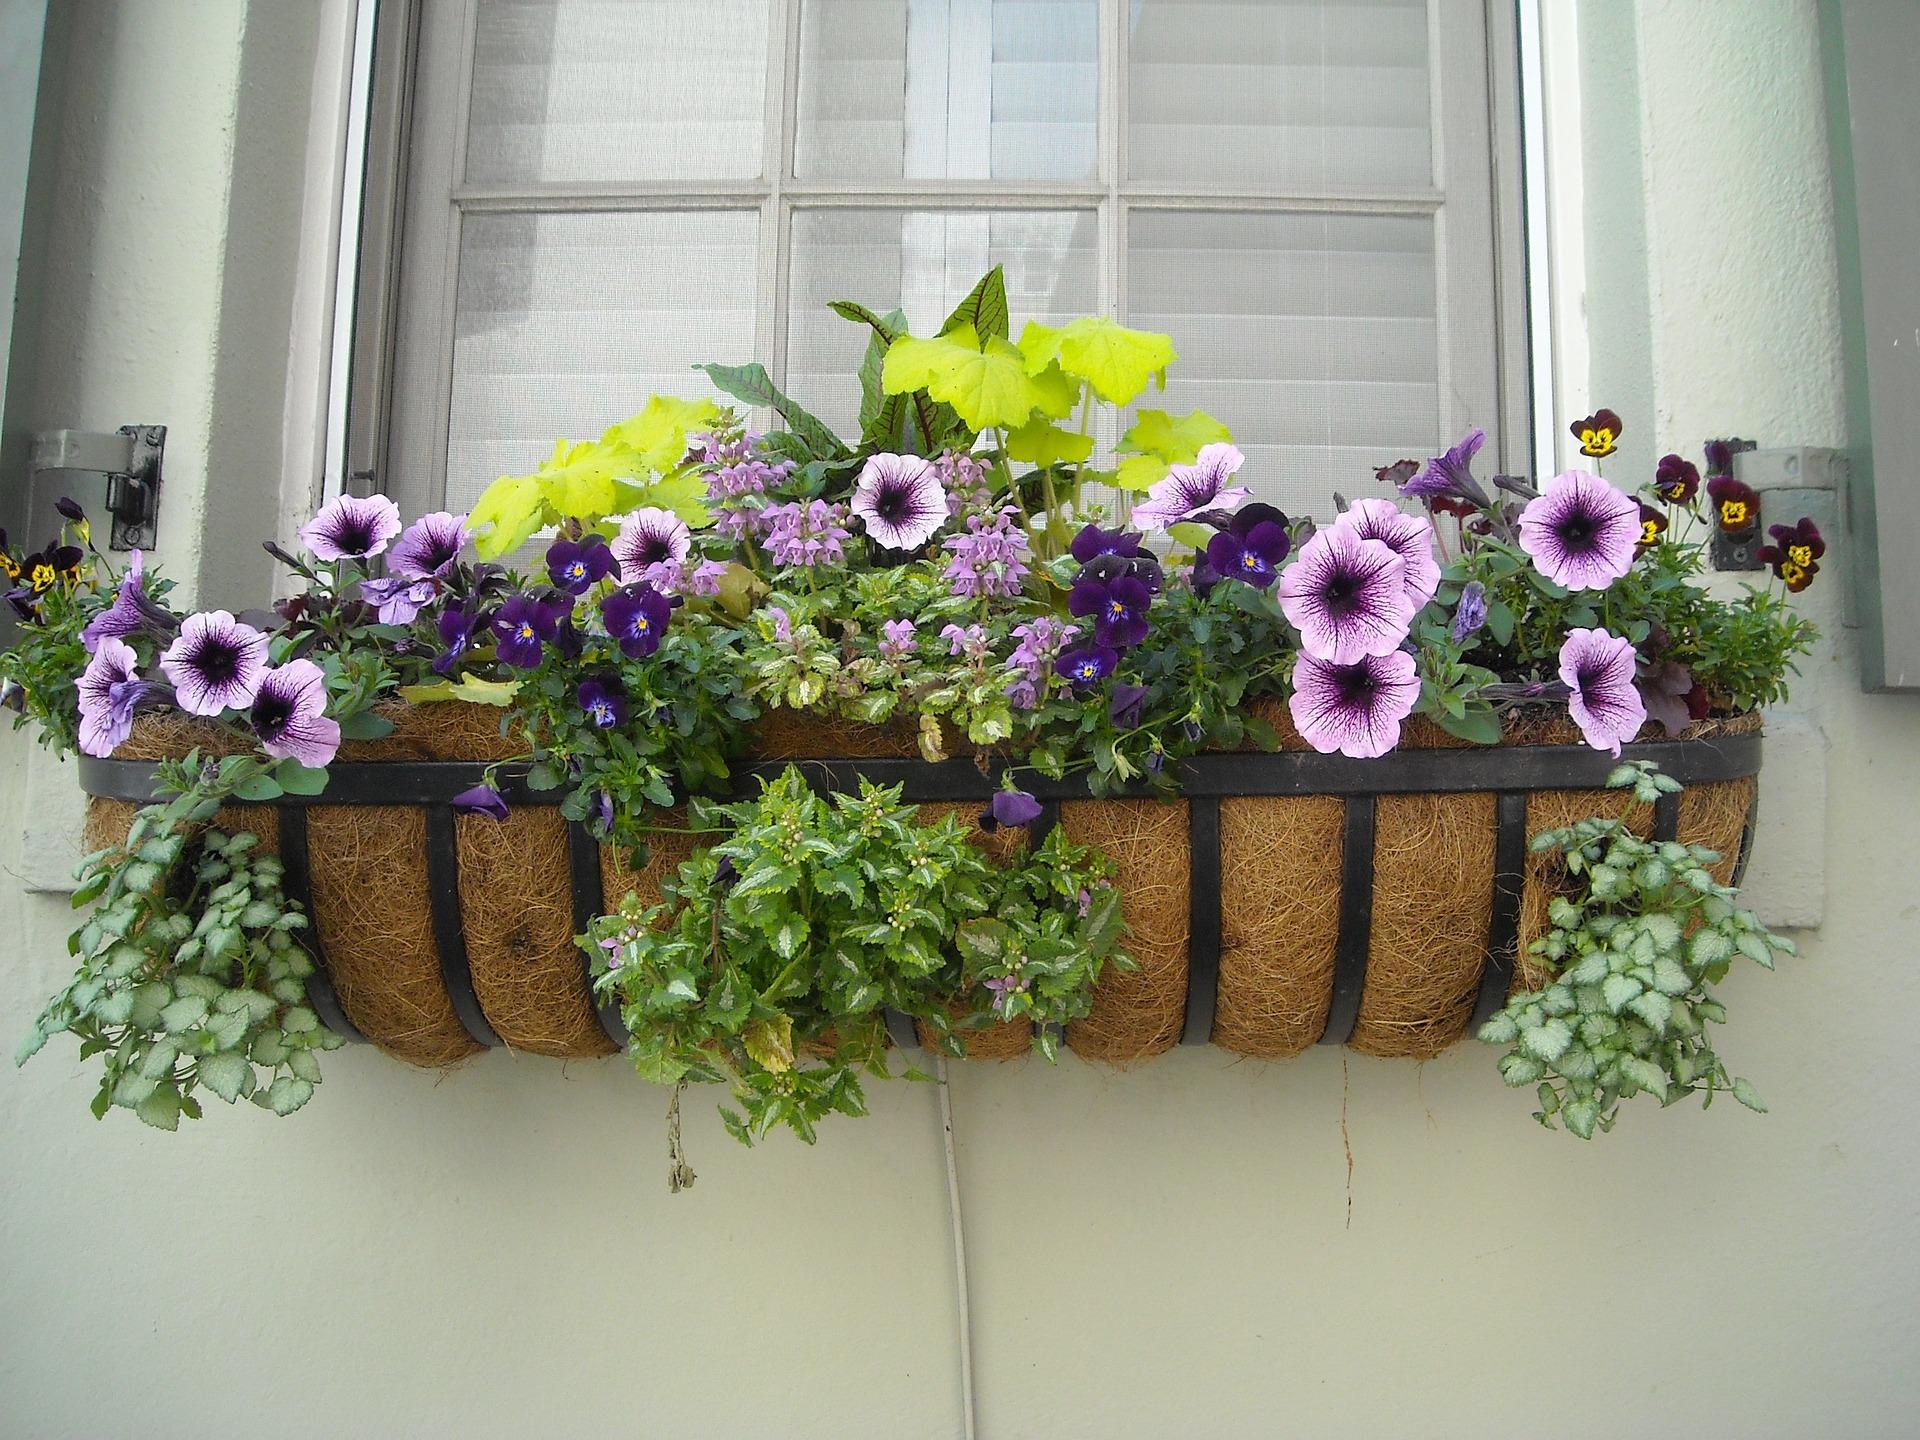 Bloembakken Voor Balkon.Tuin Opvrolijken Met Bloembakken Tuinkenners